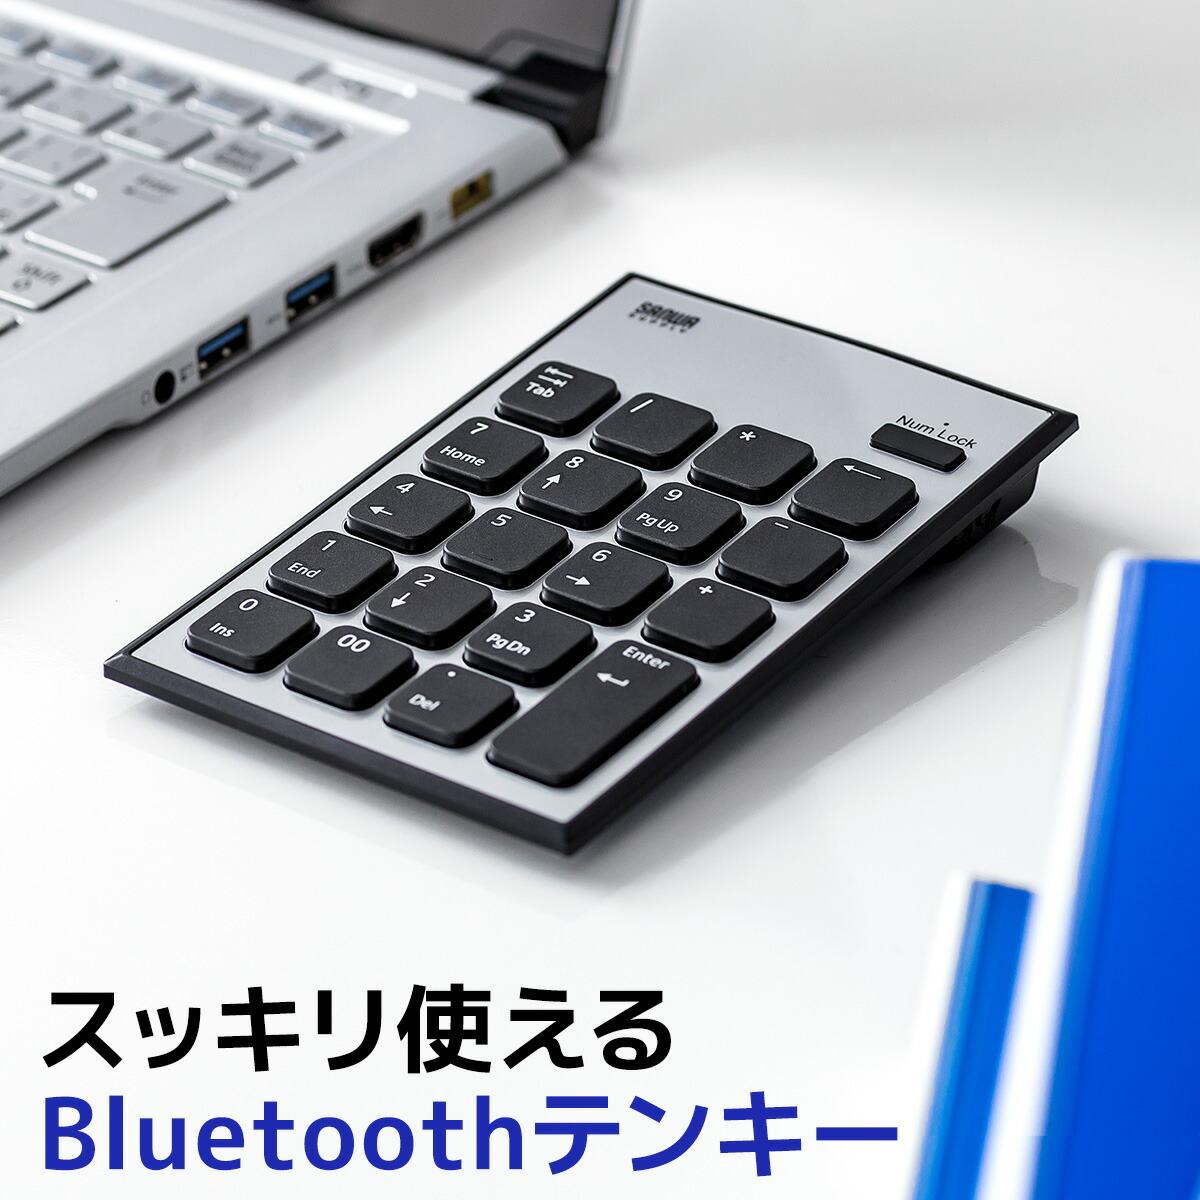 400-NT003 サンワダイレクト限定品 ネコポス専用 送料無料 Bluetoothテンキー セール品 Bluetooth 無線 モバイル 持ち運び bluetooth 小型 4年保証 薄型 USBテンキー パンタグラフ ワイヤレス アイソレーション テンキーボード 電池式